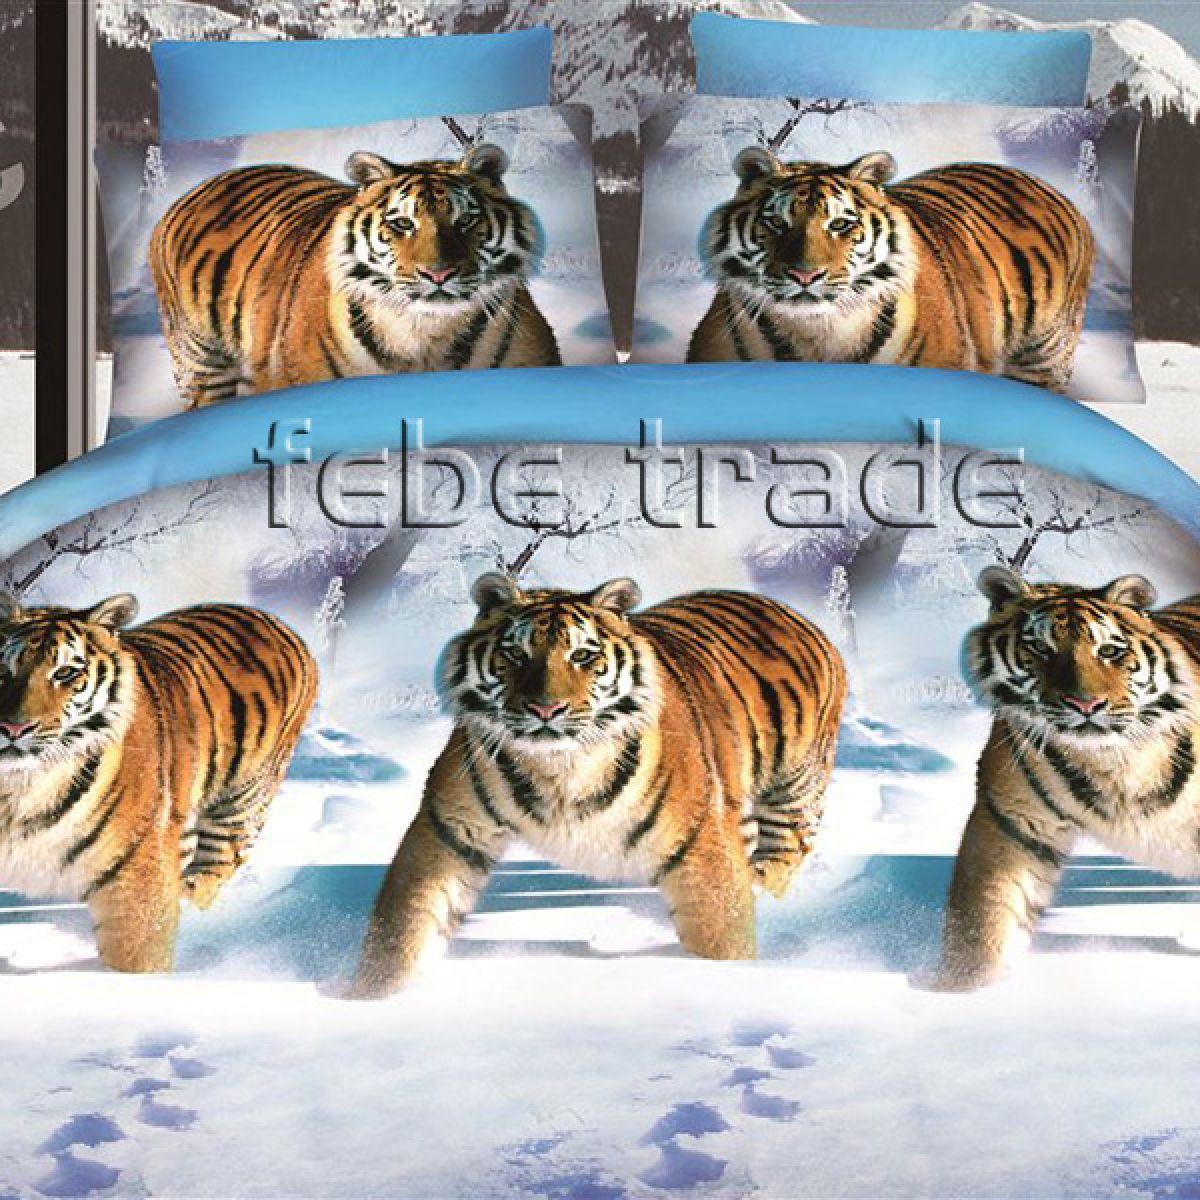 3D Beddings - Cotton World - FS-602 - 220x200 cm - 3 cz